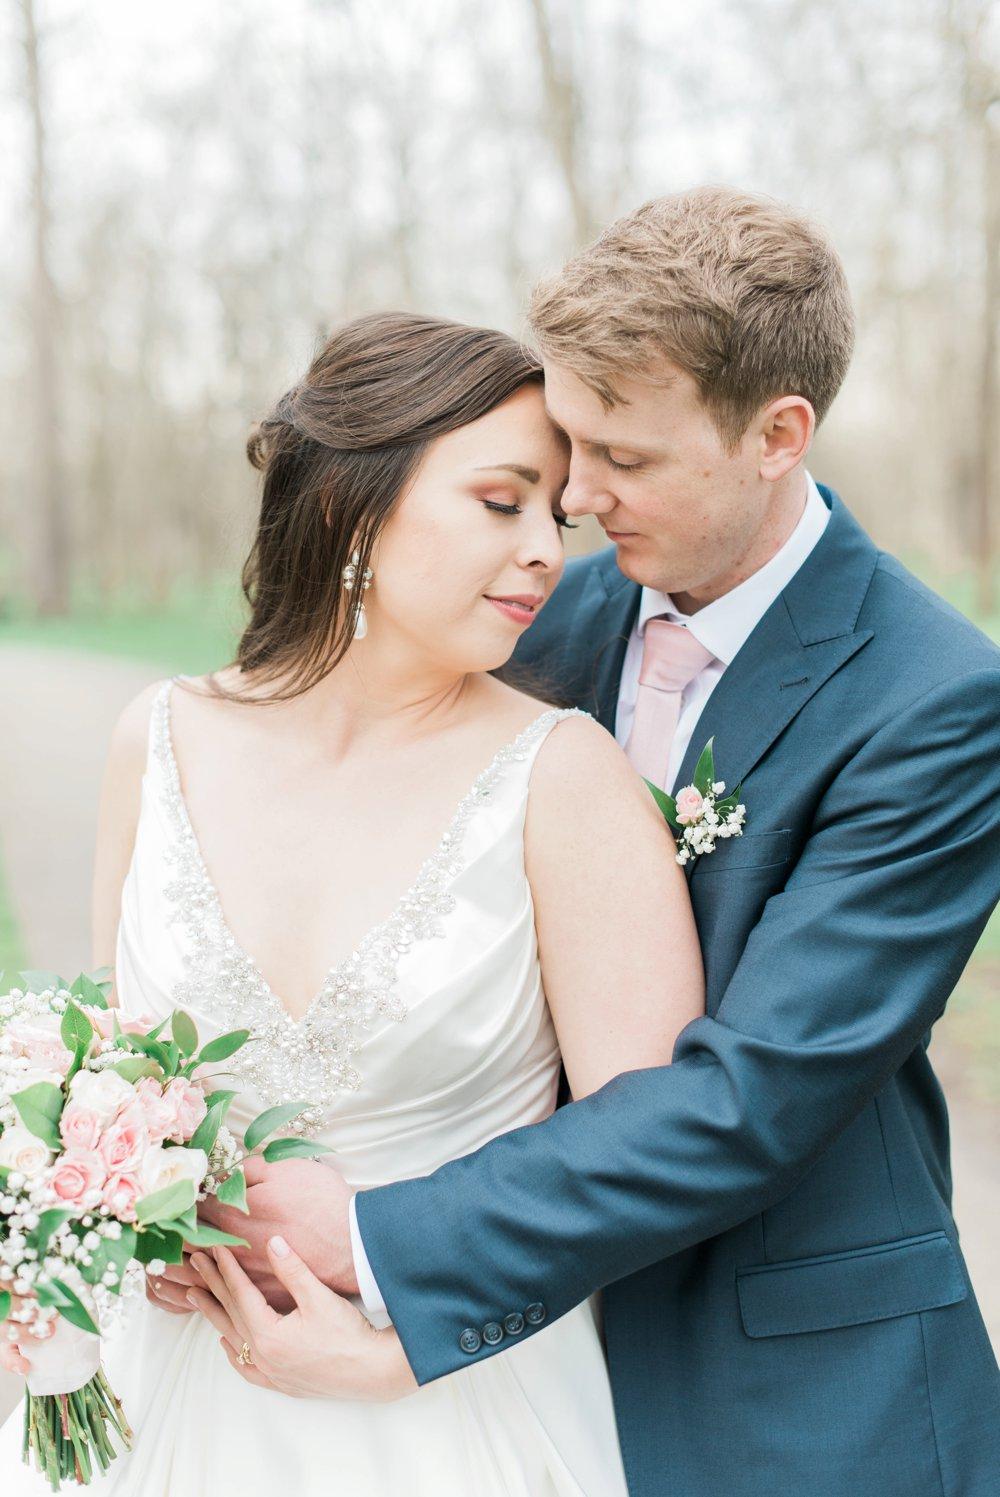 creekside-gahanna-ohio-wedding-kristin-joe_0078.jpg